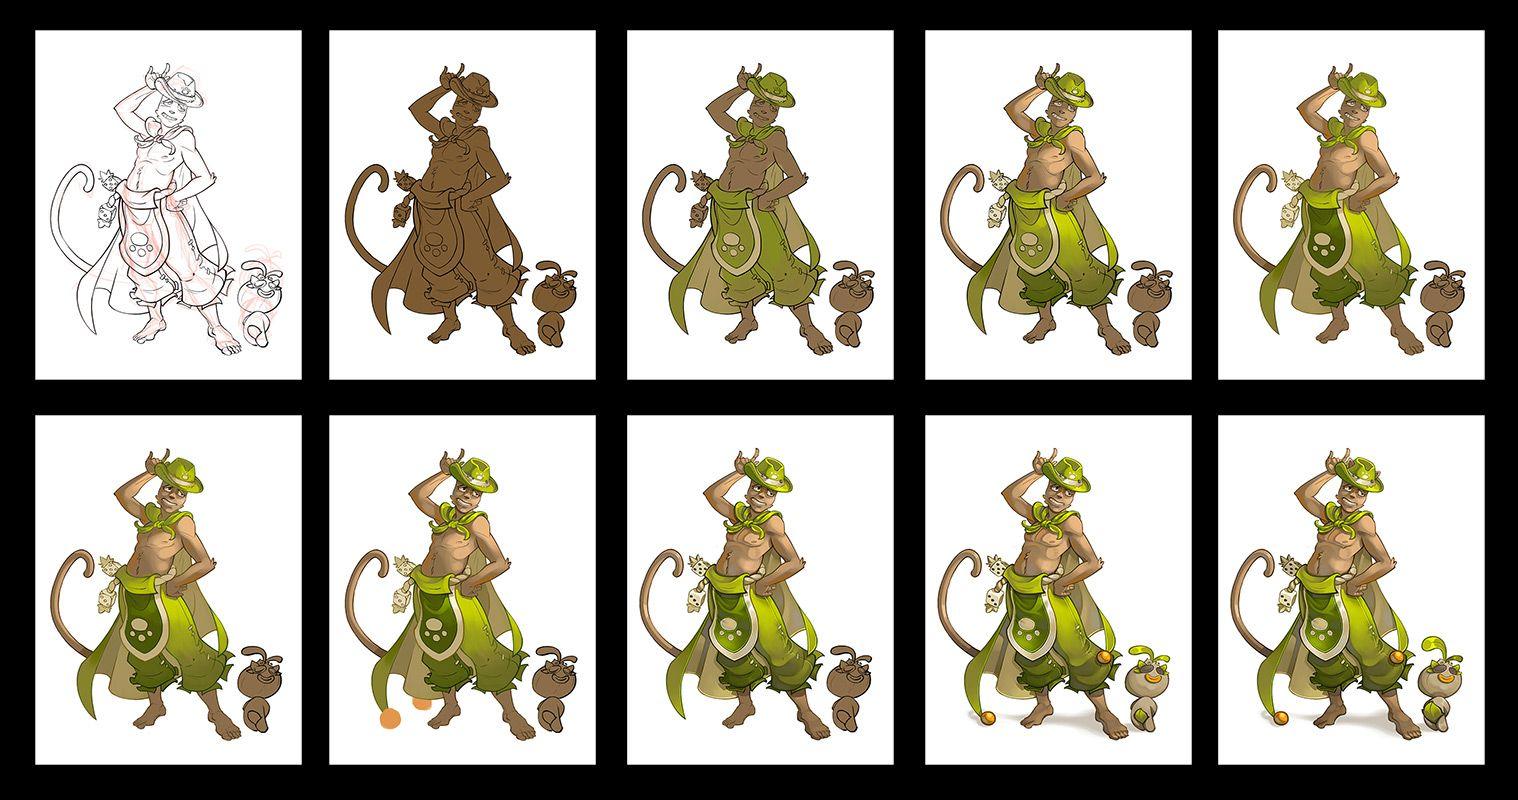 Mister Amakna 2013, Ankama, Dofus Art, Game art, Concept art